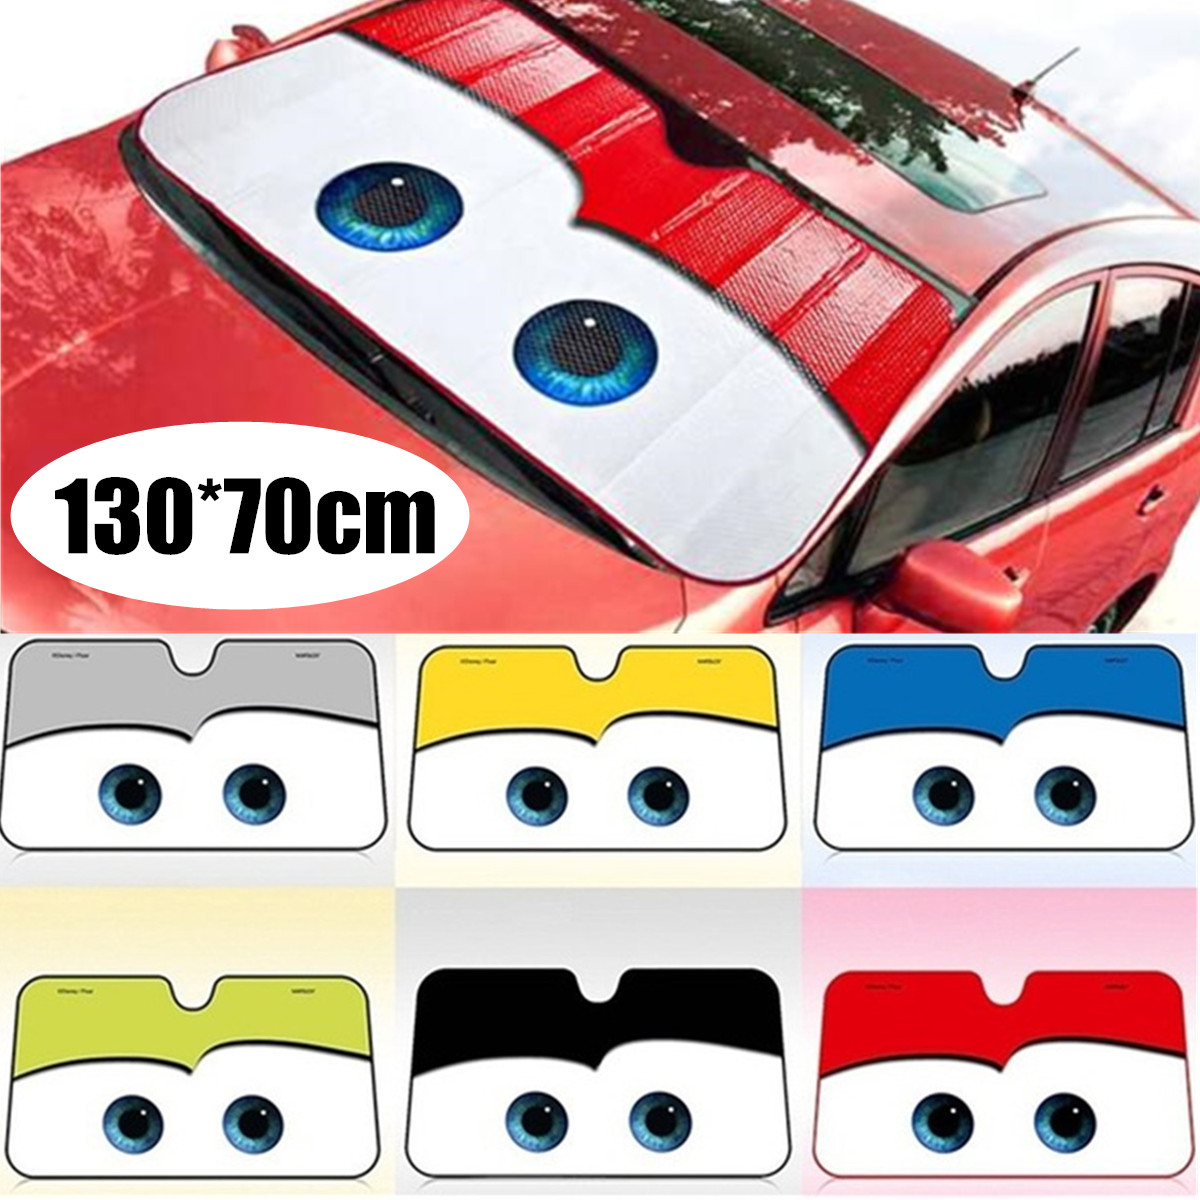 6 farben Augen Form Auto Sonnenschirm Beheizte Windschutzscheibe Cartoon Windschutz Abdeckung Auto Sonnenblende Auto-deckt Auto Solar Schutz